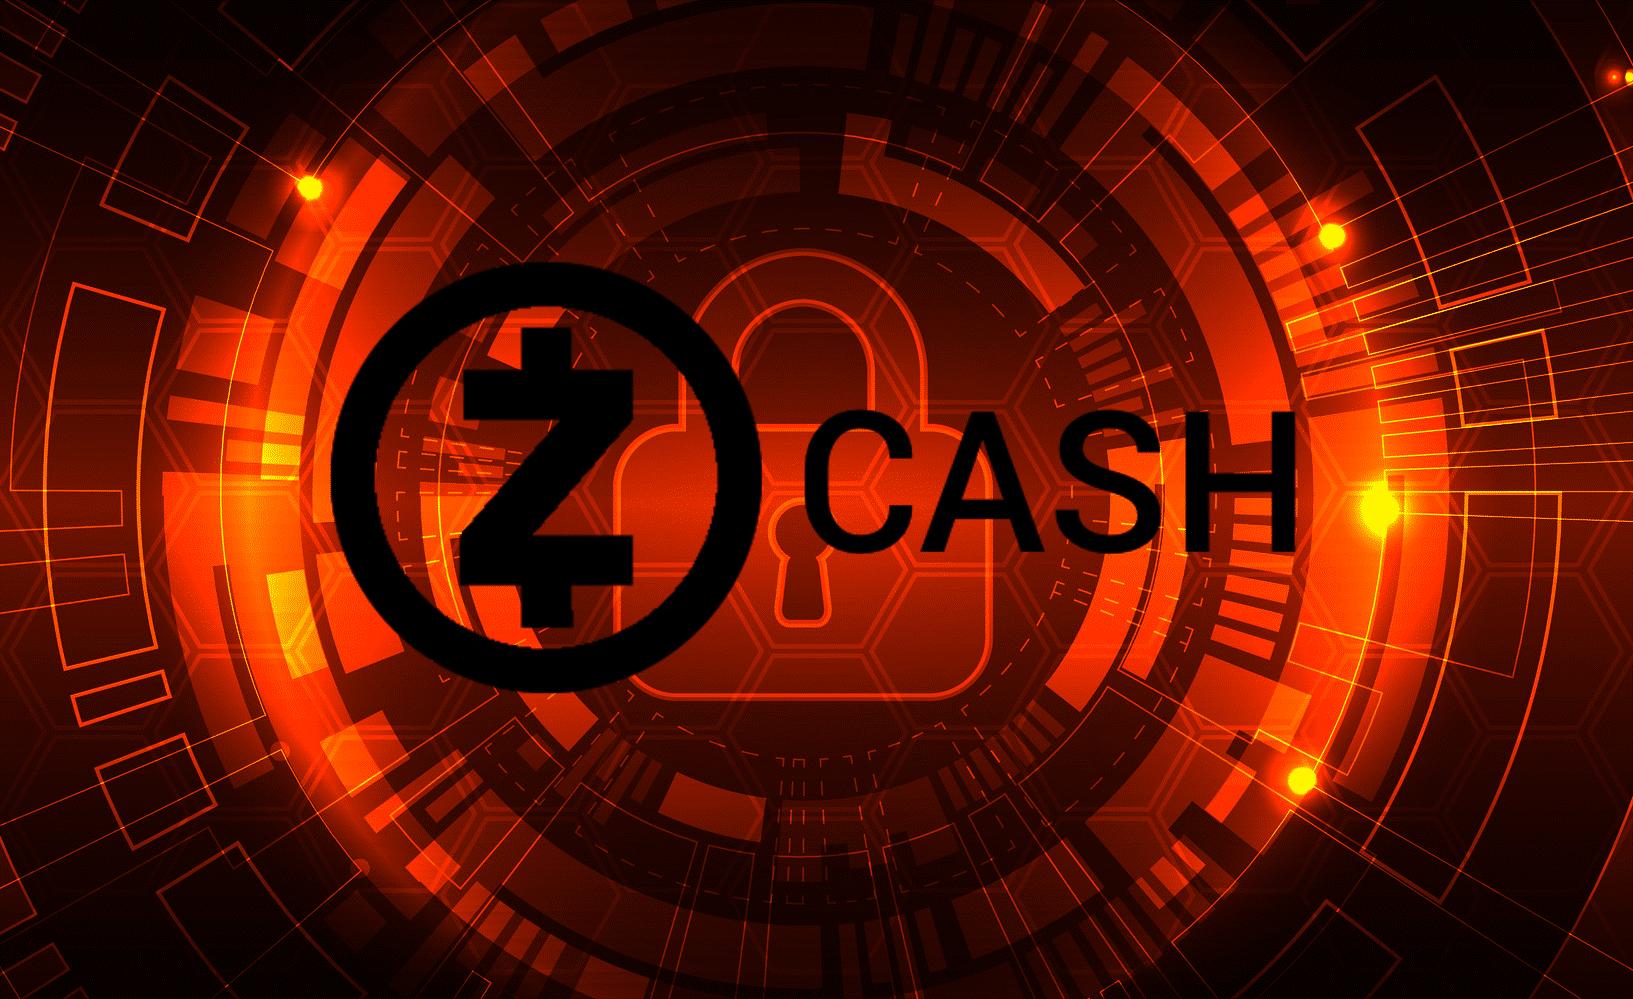 Zcash là một loại tiền điện tử ra đời với tính năng bảo mật vượt trội